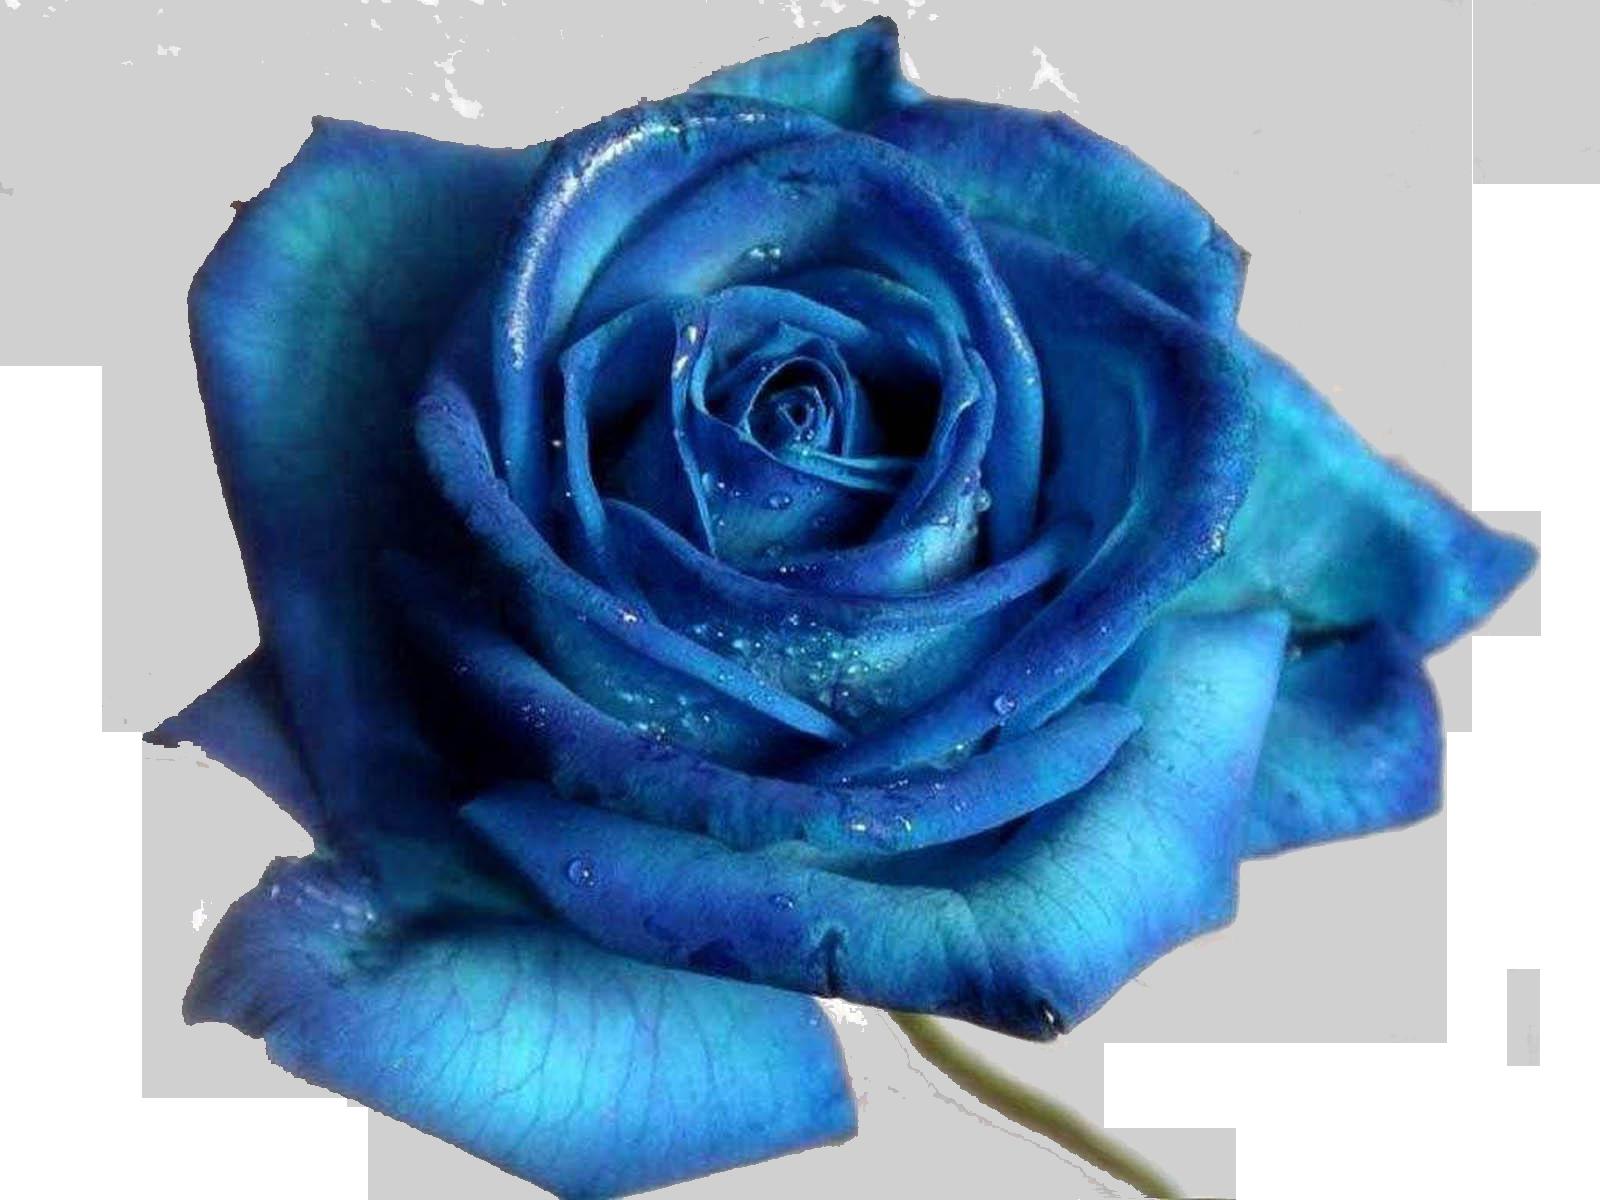 Hình hoa hồng xah lam đẫm nước